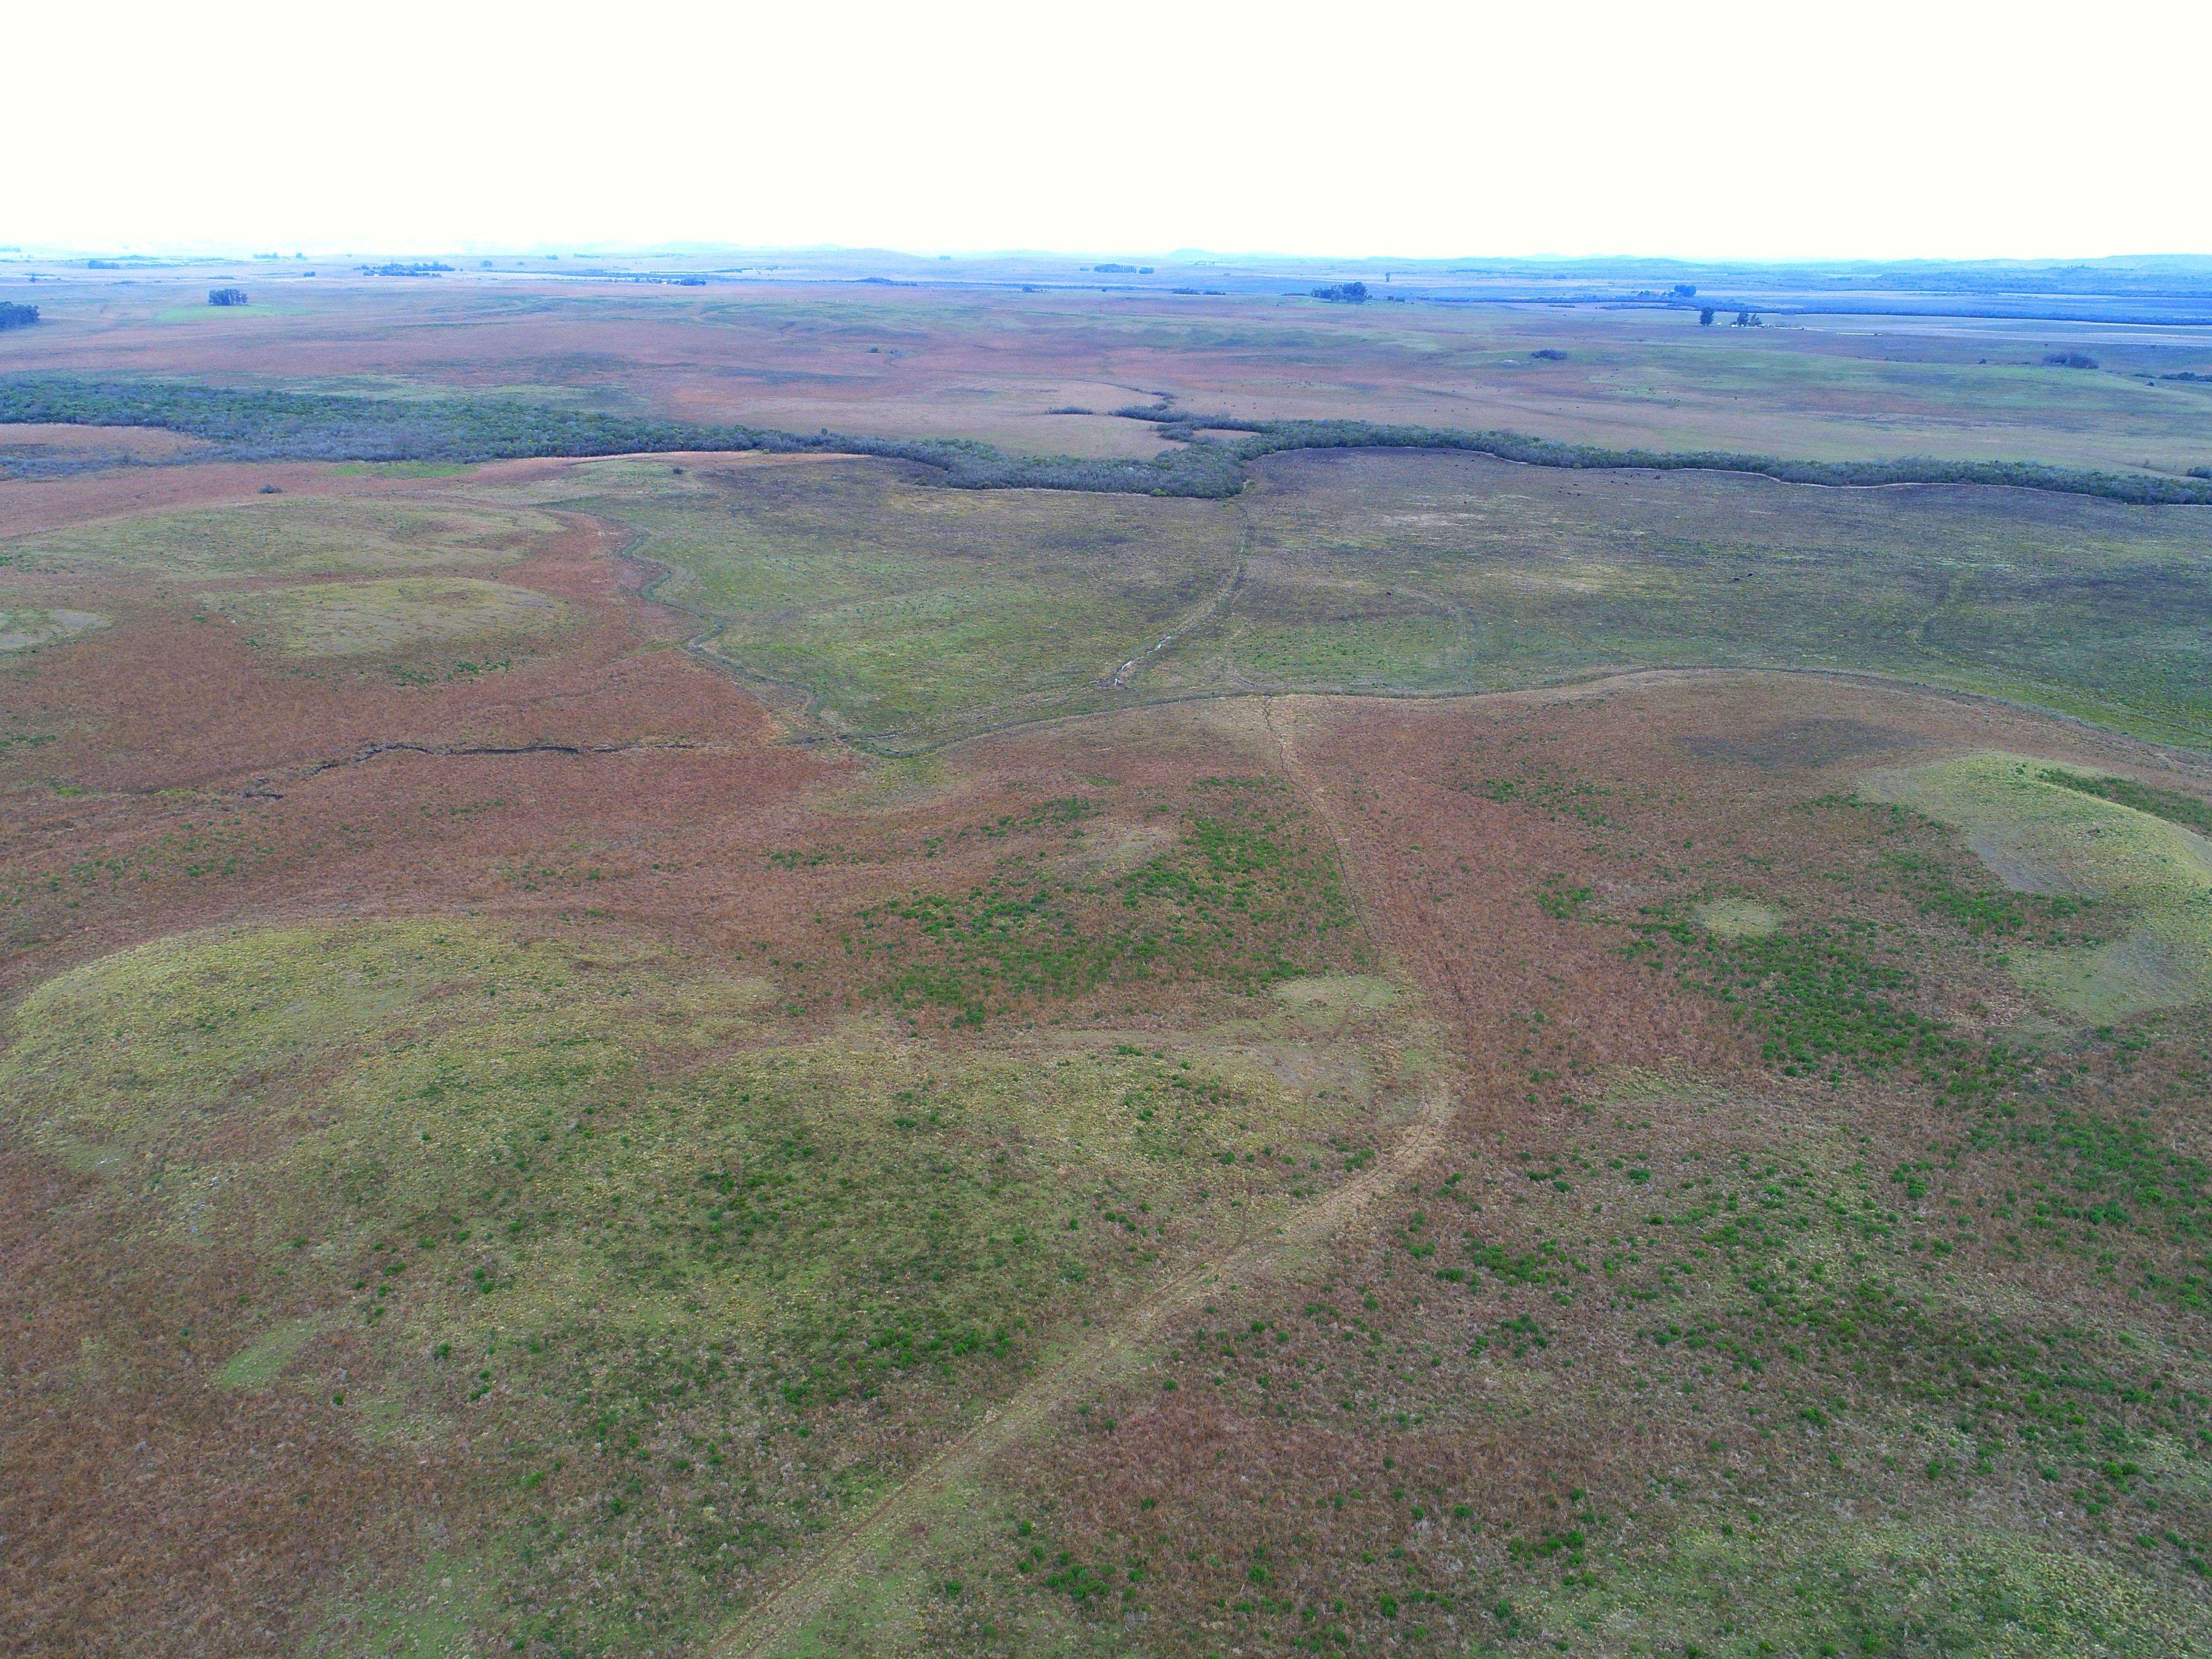 600 hectares de pecuária e arroz em Alegrete